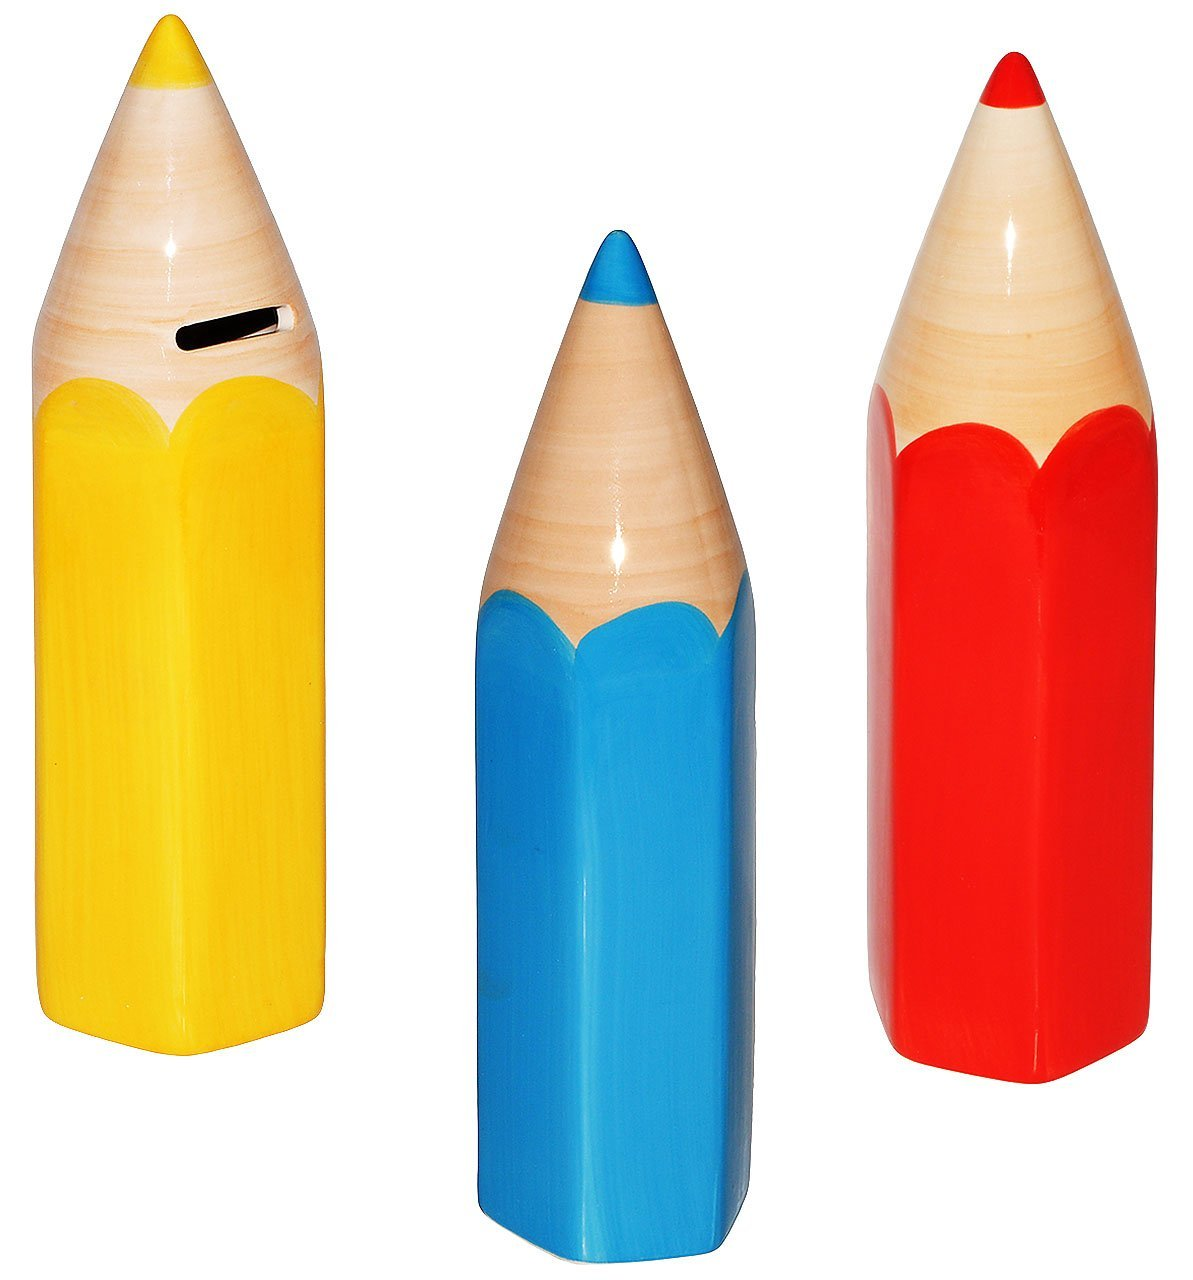 Unbekannt groß e Spardose - bunter Stift - 25 cm - BLAU / GELB - stabile Sparbü chse aus Porzellan / Keramik - Sparschwein - lustig witzig - Schulanfang - Schule Stifte -.. Kinder-land